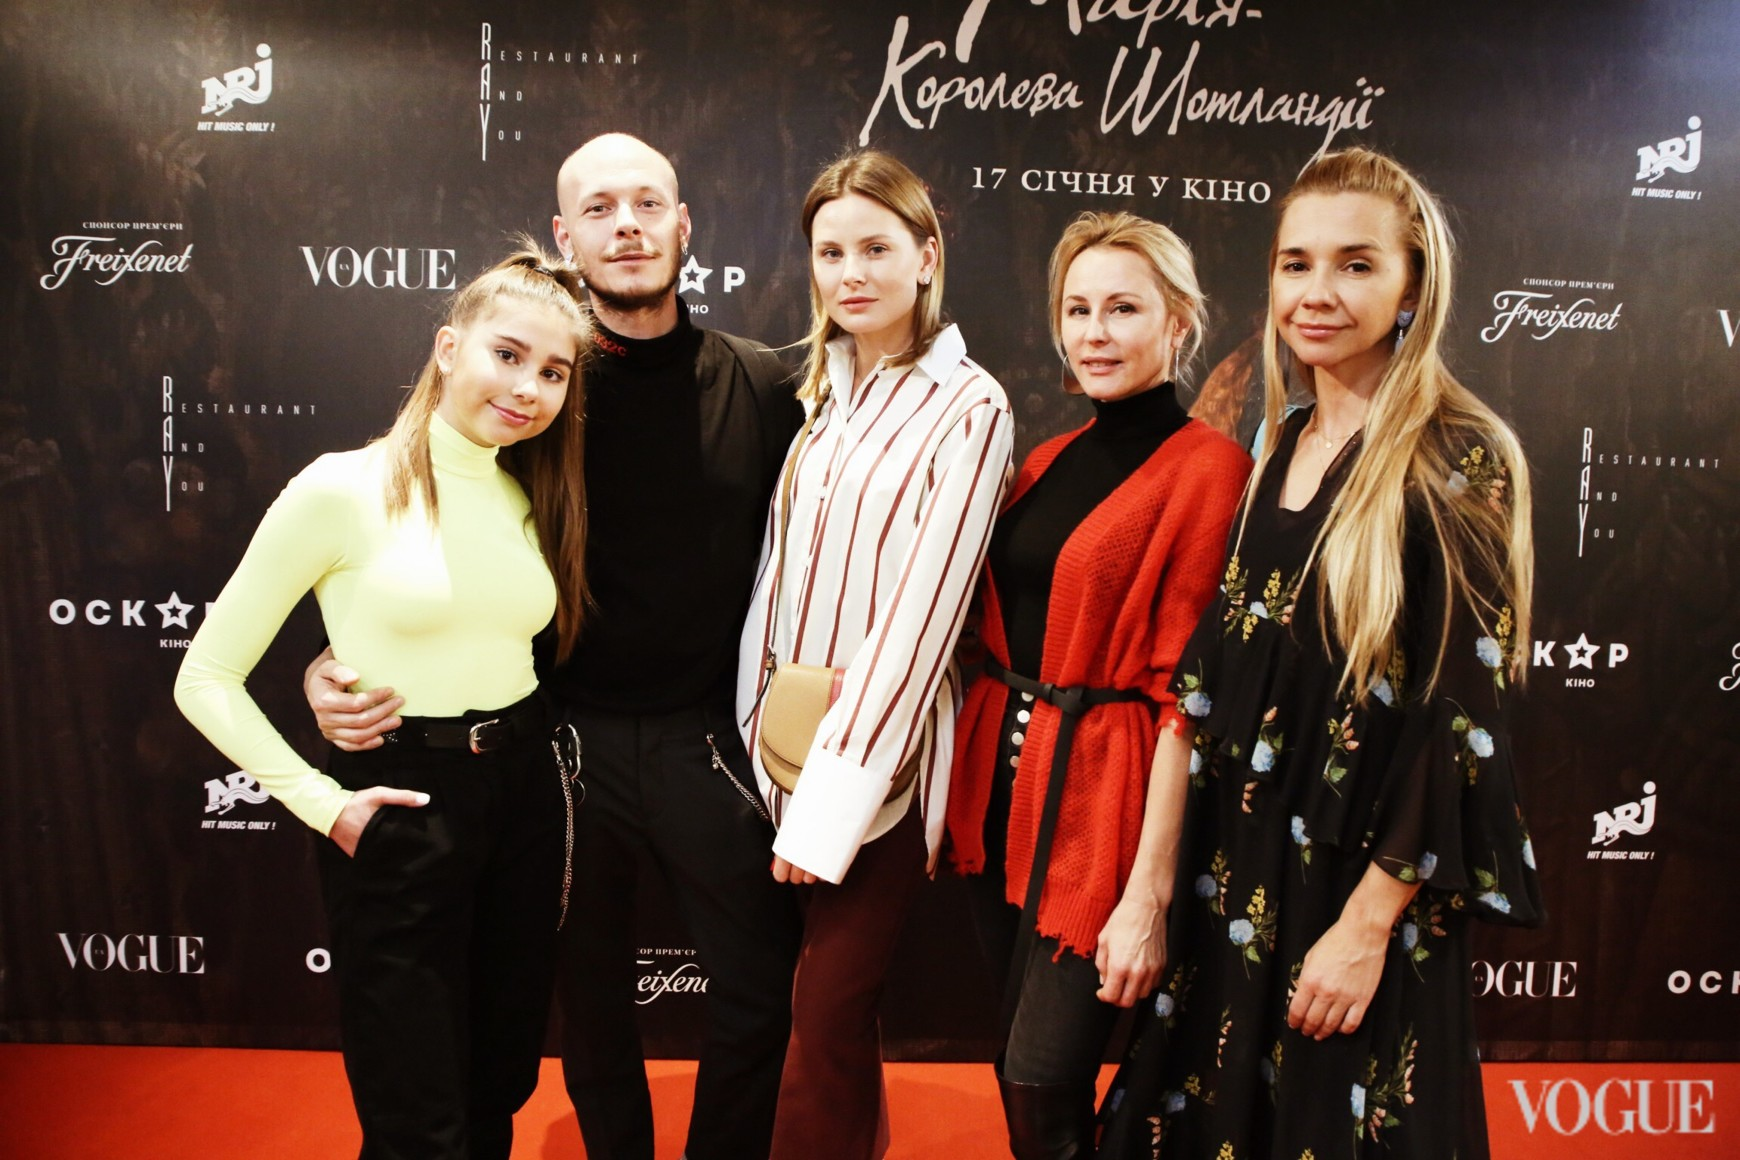 Максим Некрасов, Александра Олейник, Елена Примак и Ирина Турбаевская